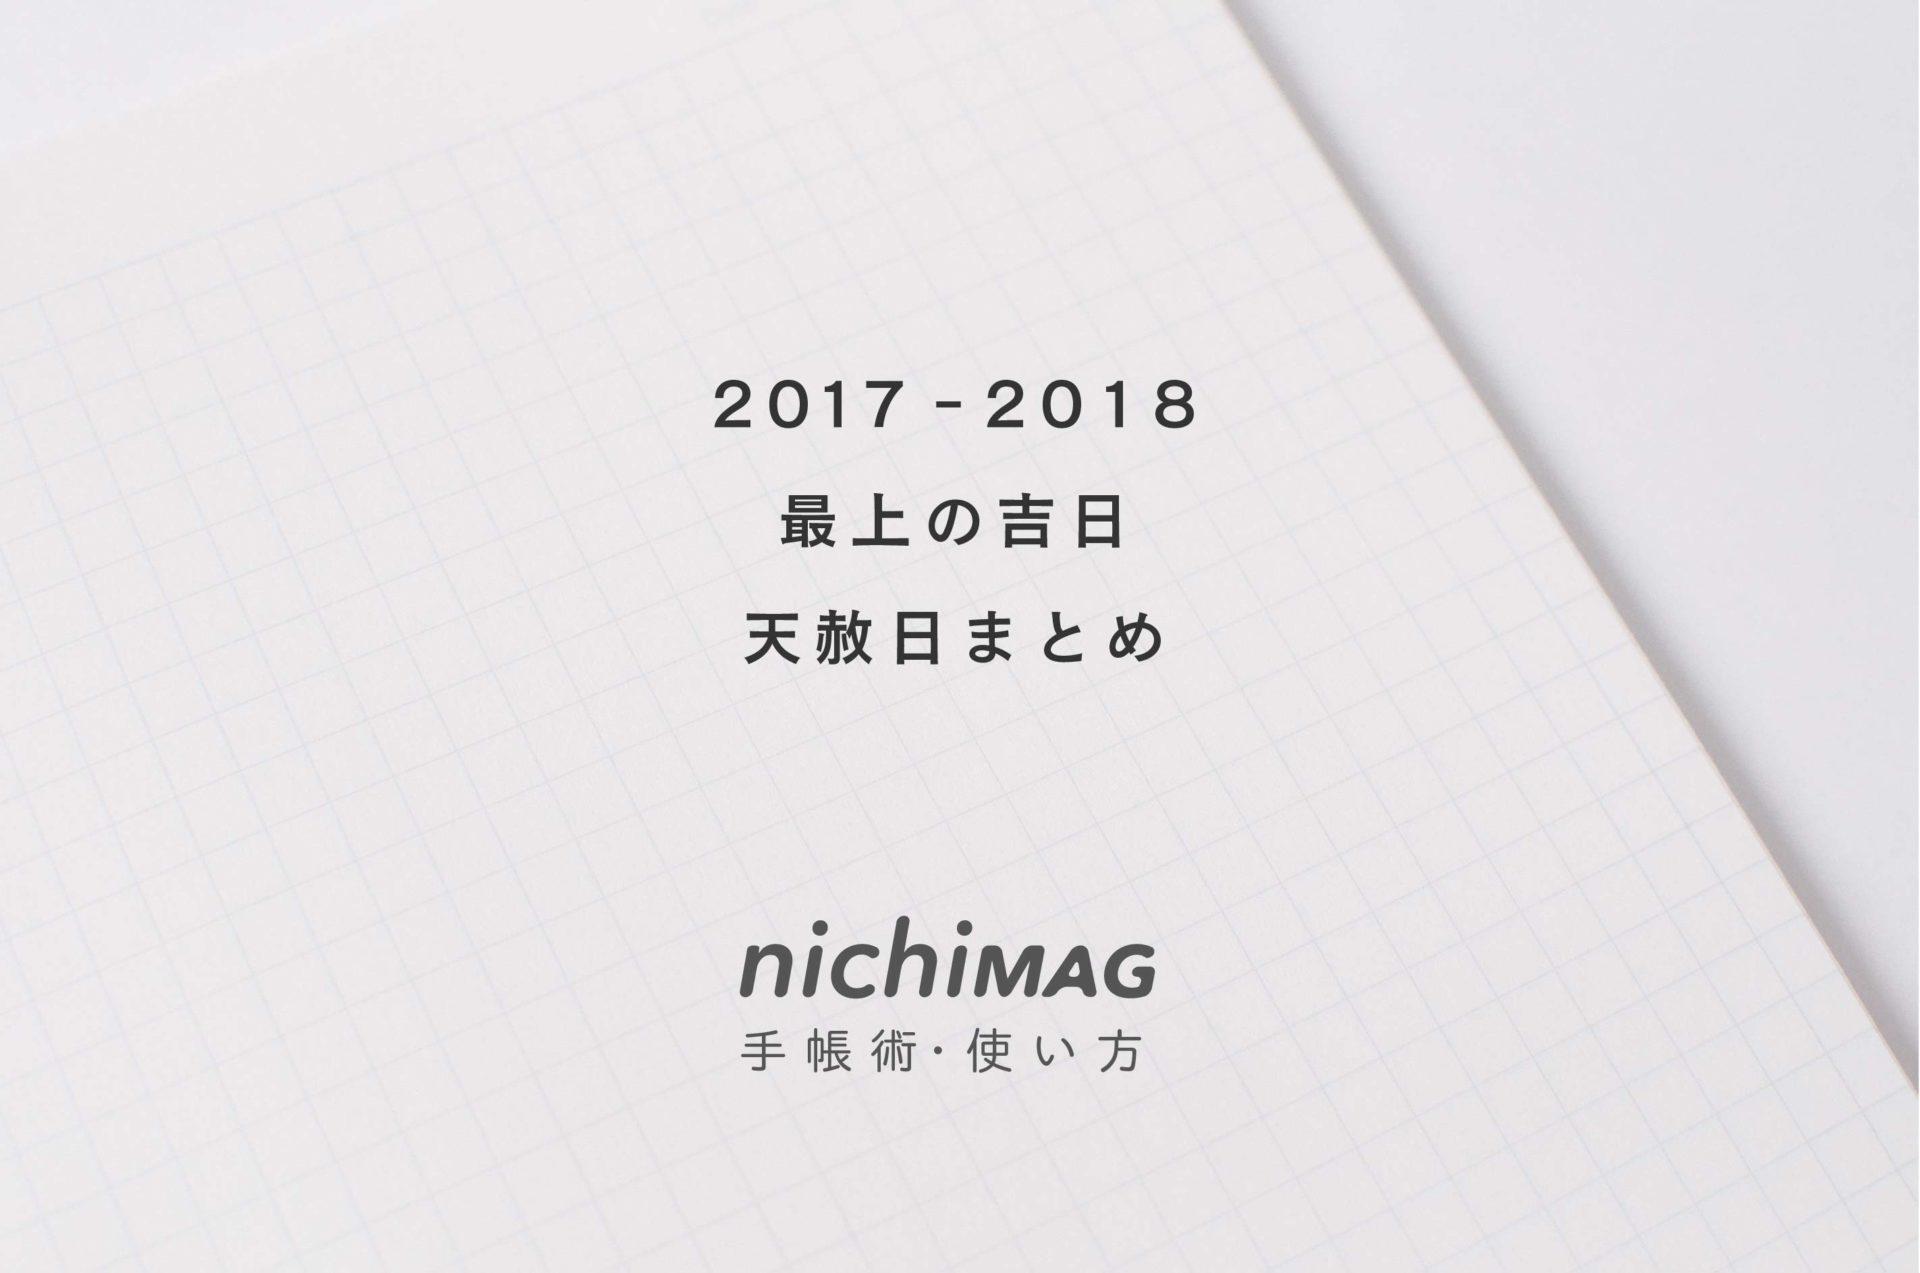 天赦日2017-2018イメージ画像